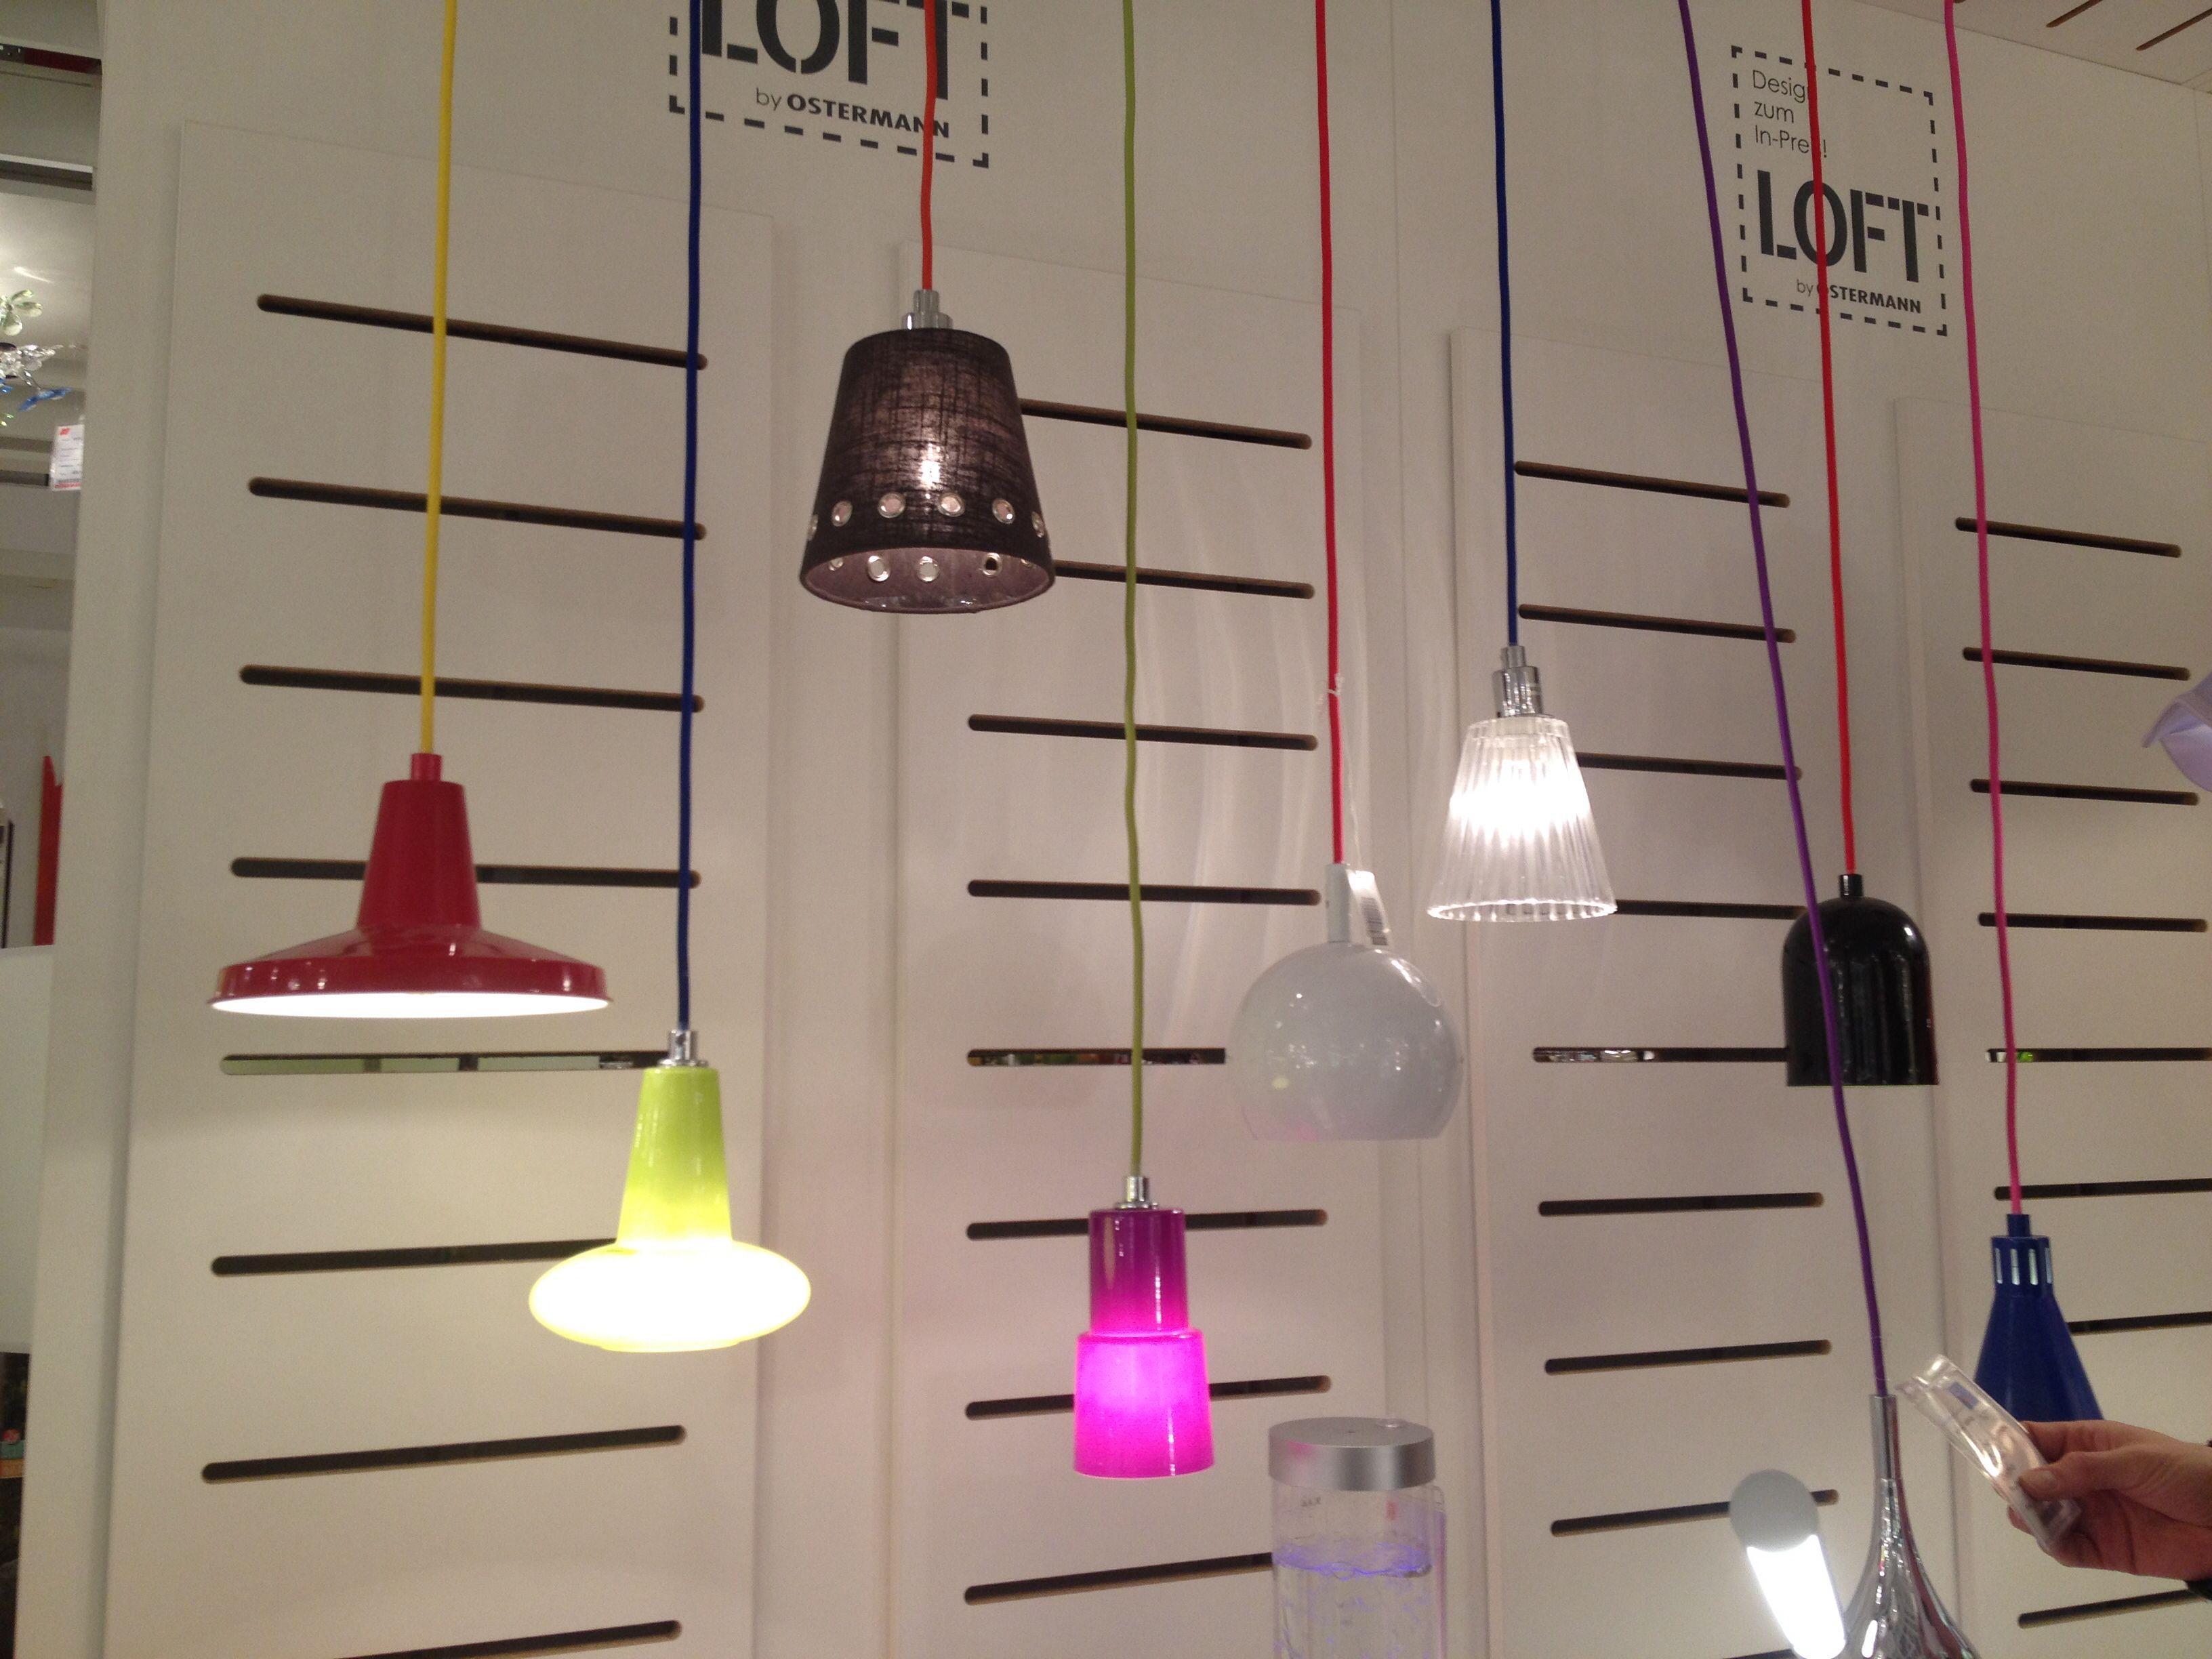 Küchen design hotel lampe küche  interior  pinterest  interiors